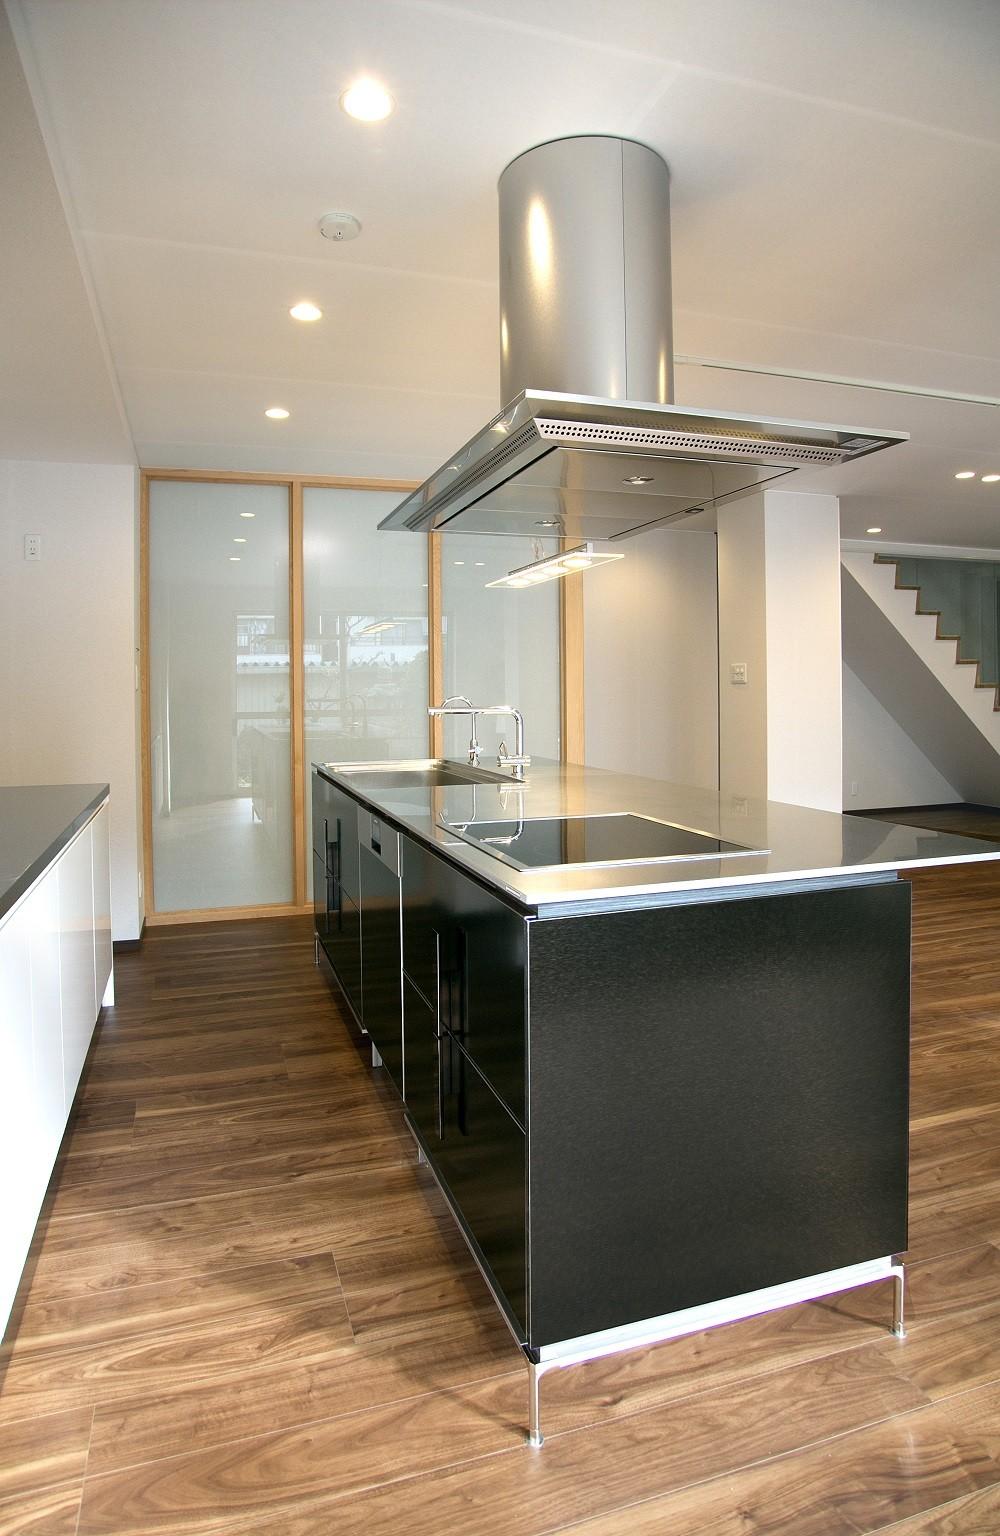 キッチン事例:ワイドなアイランドキッチン 3(「バリアフリー」と「心地よさ」をかなえた シニア向けリフォーム:コンクリート住宅のリノベーション)